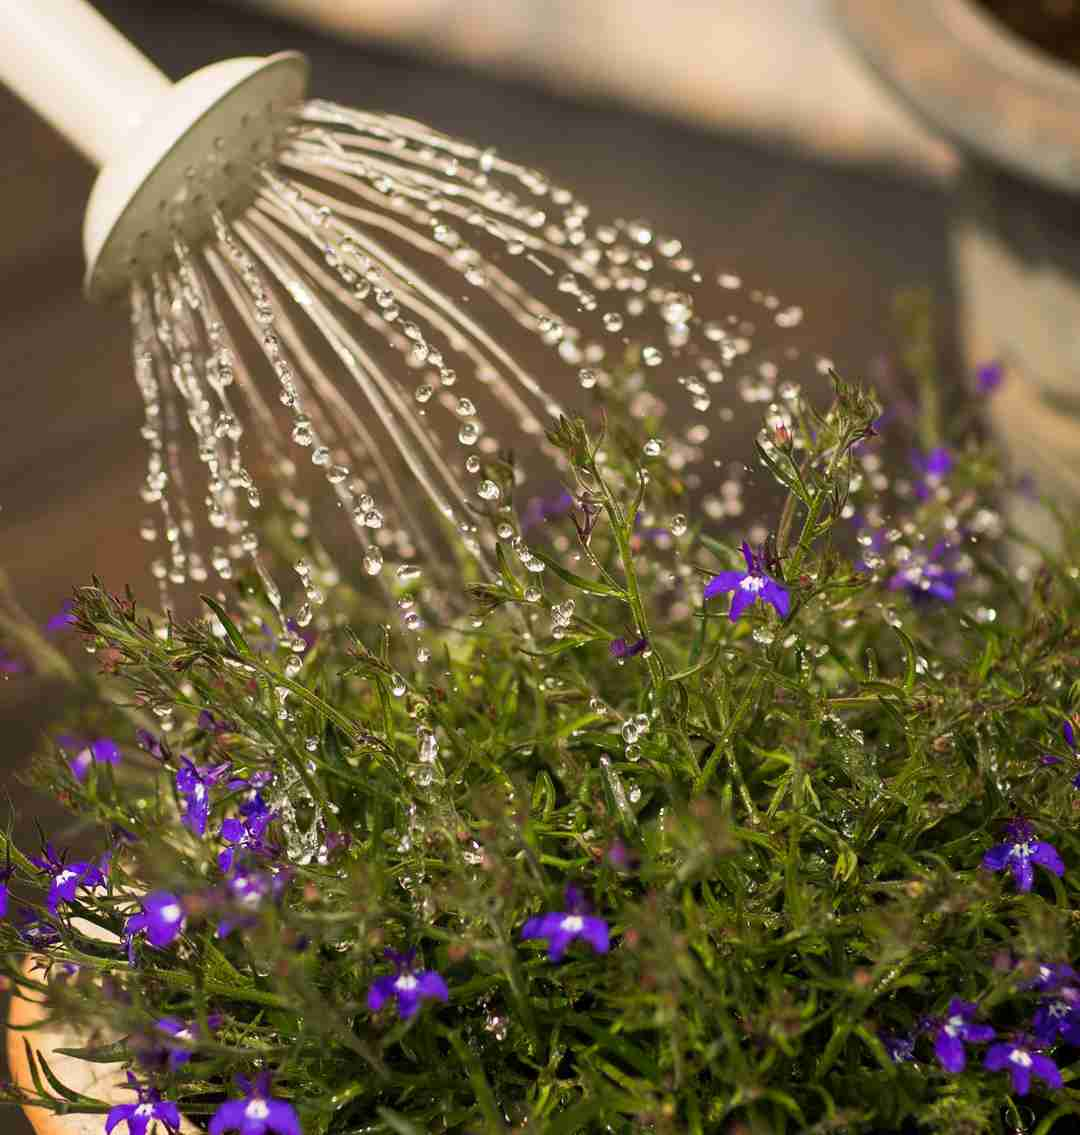 wellness practices watering plants 2